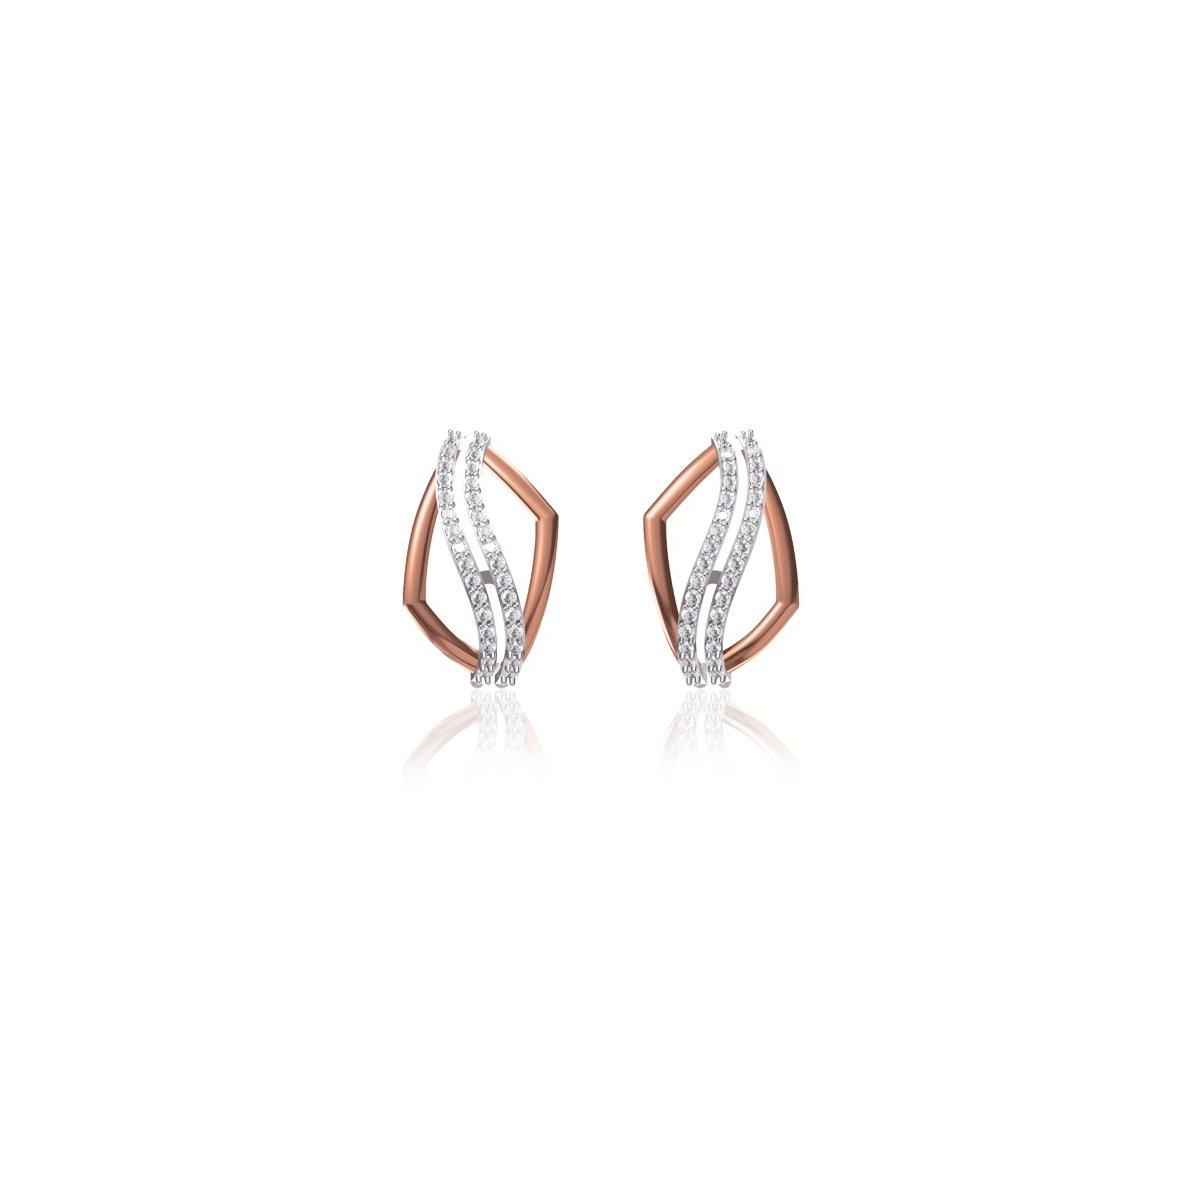 Celosia Diamond Earrings